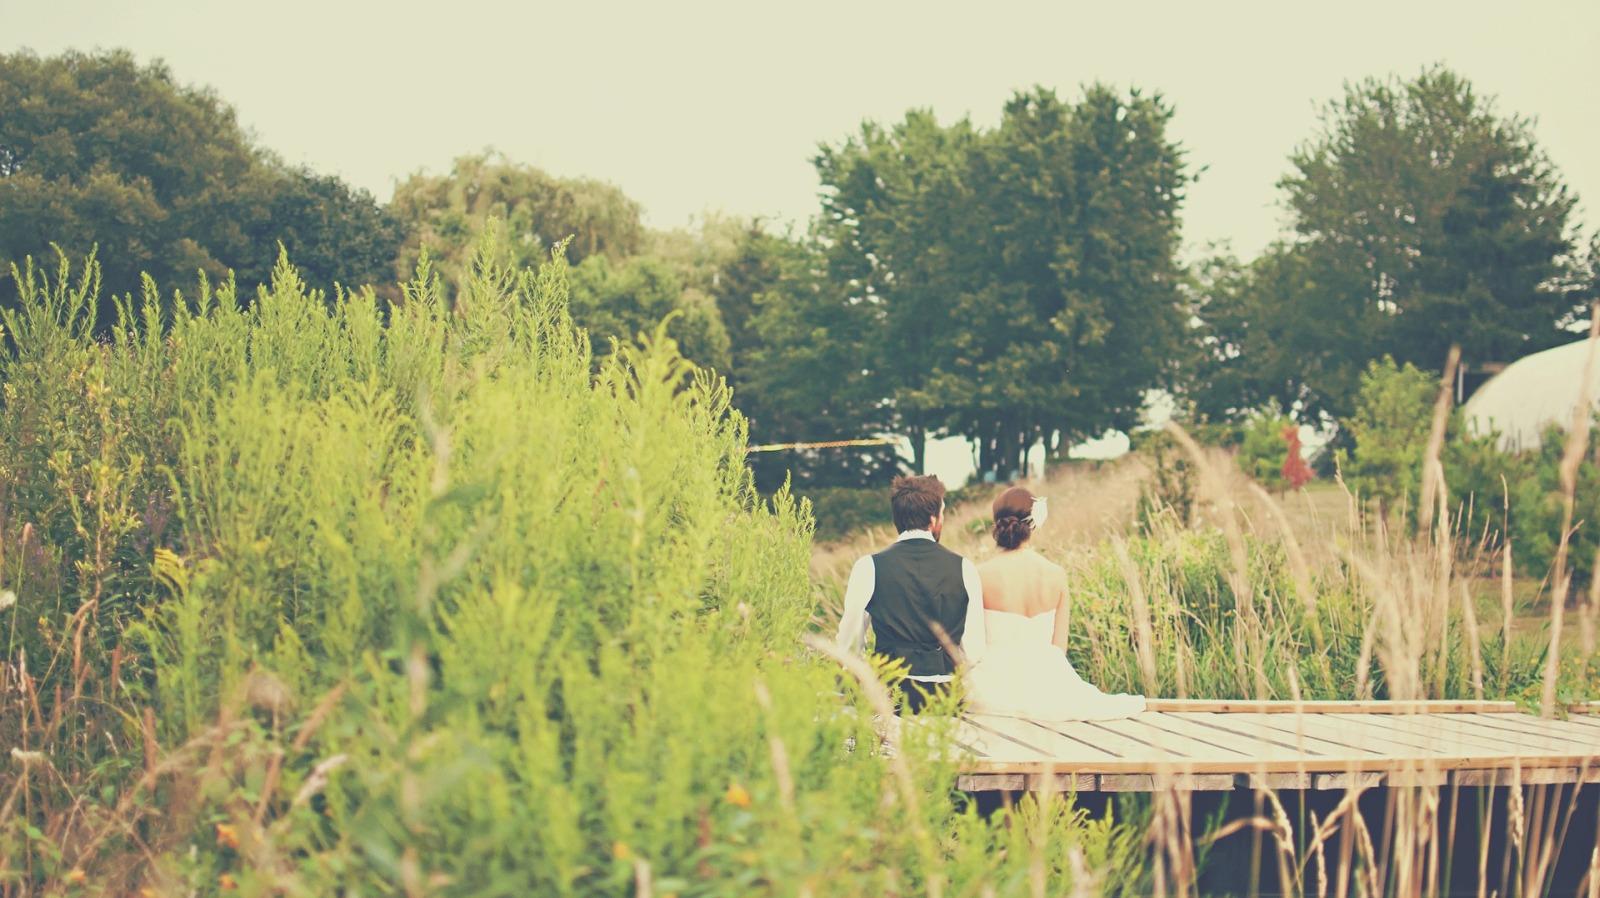 Ein Hochzeitzpaar sitzt auf einem Steeg in freier Natur